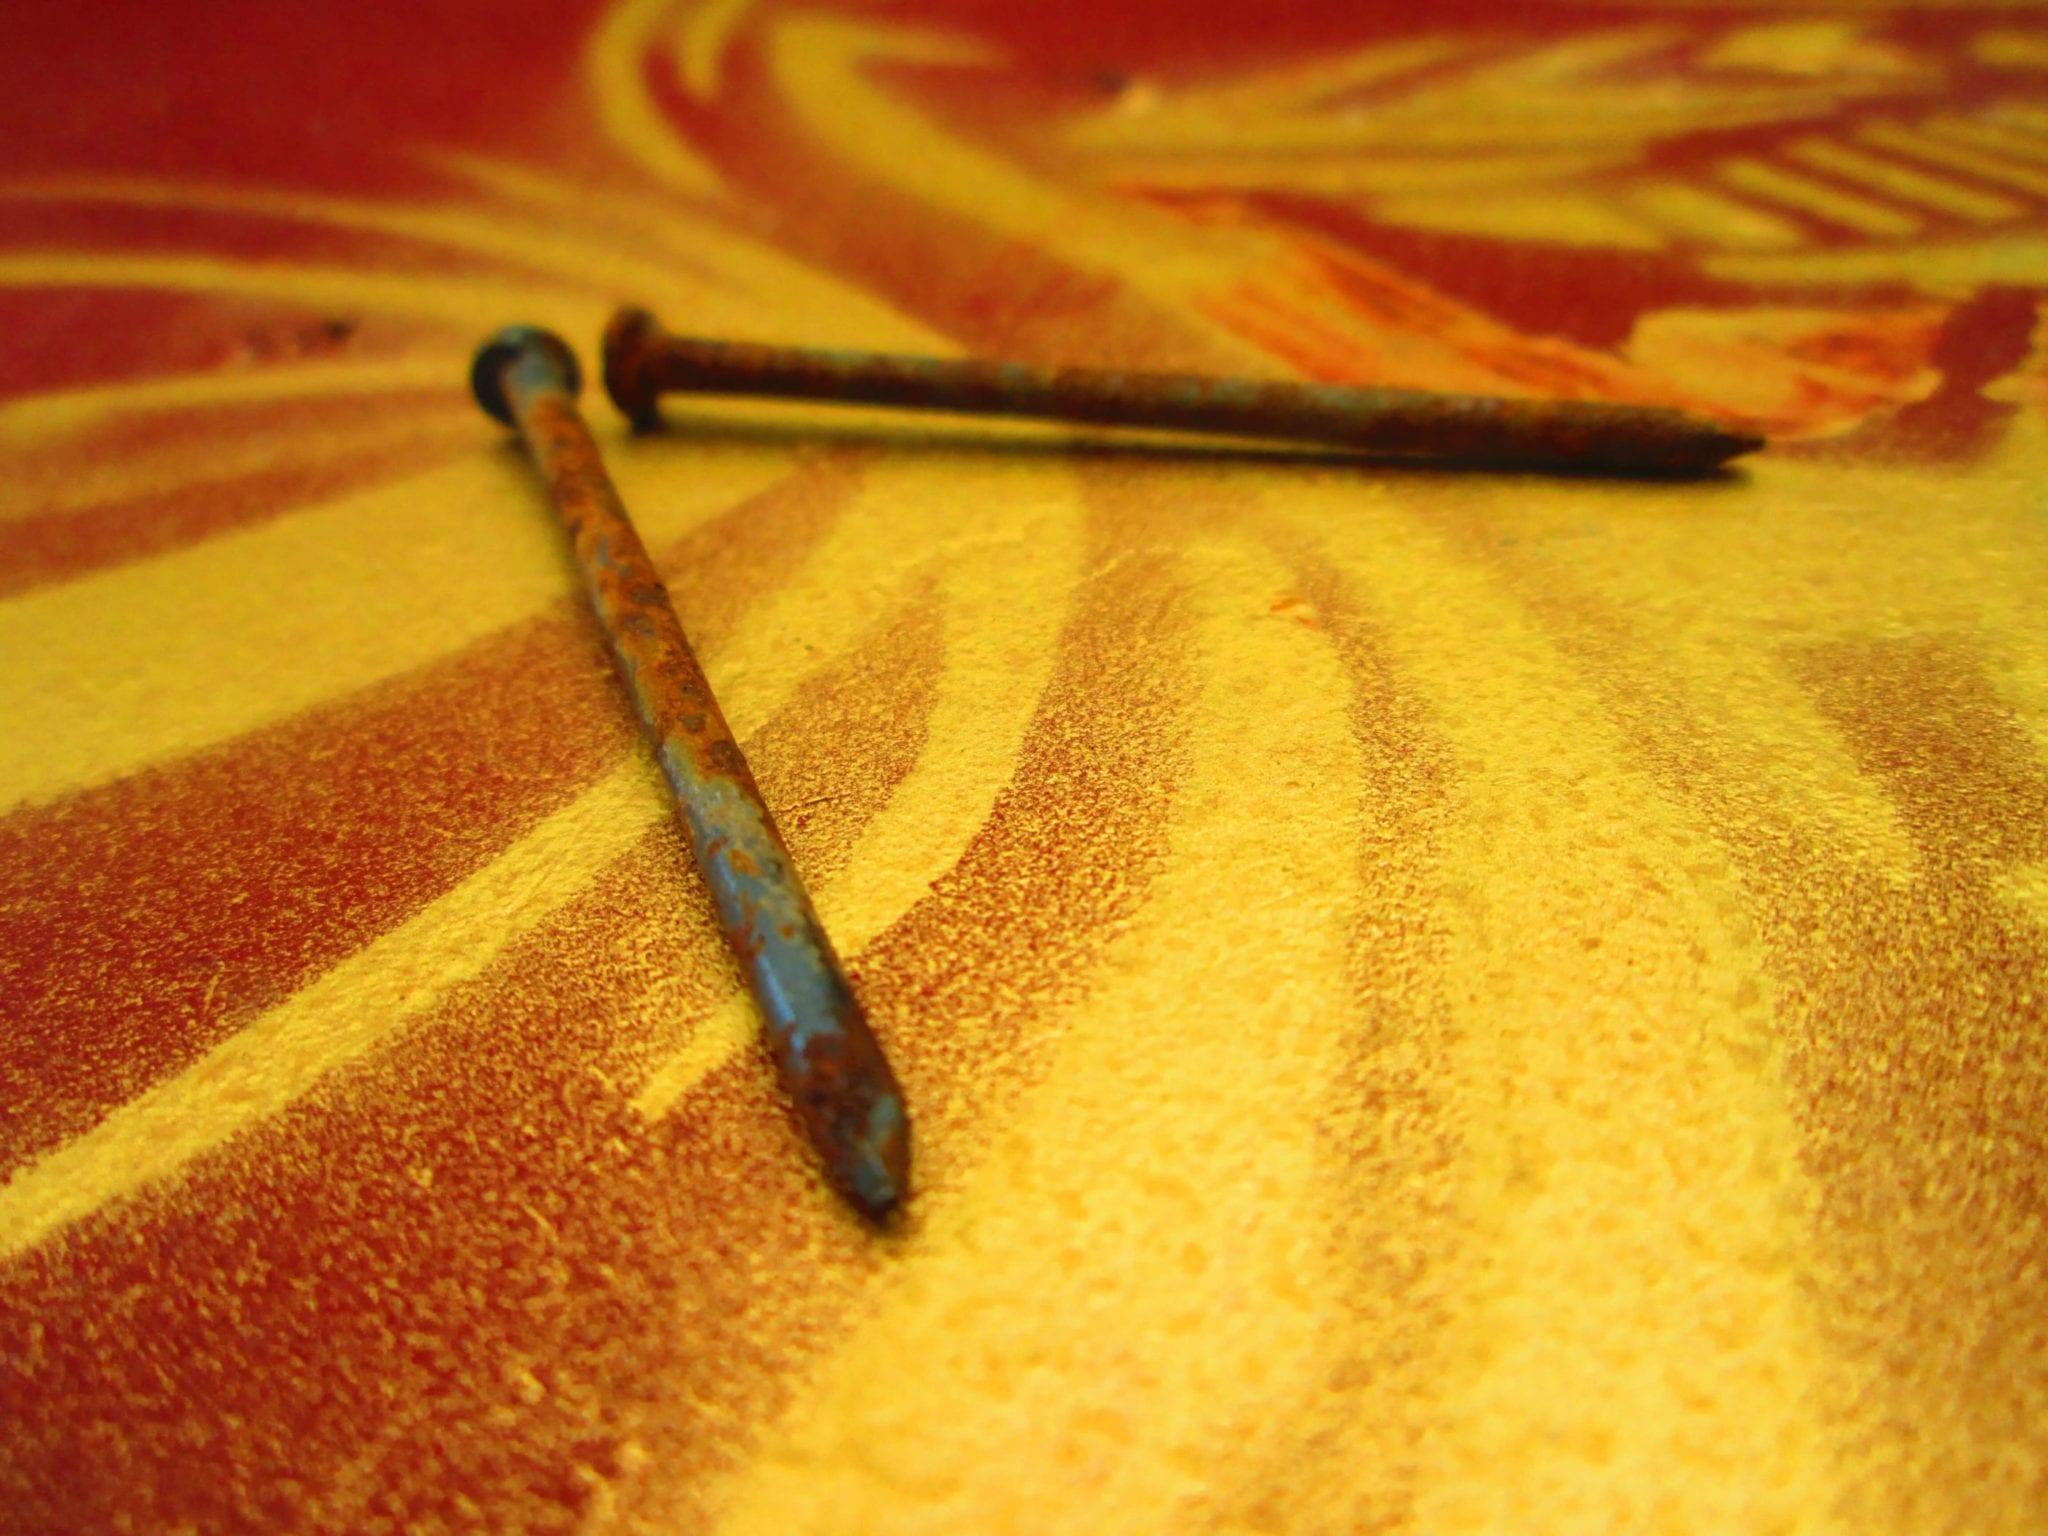 Enlever la rouille de vos outils ou de vos clous do it for Enlever rouille sur outils